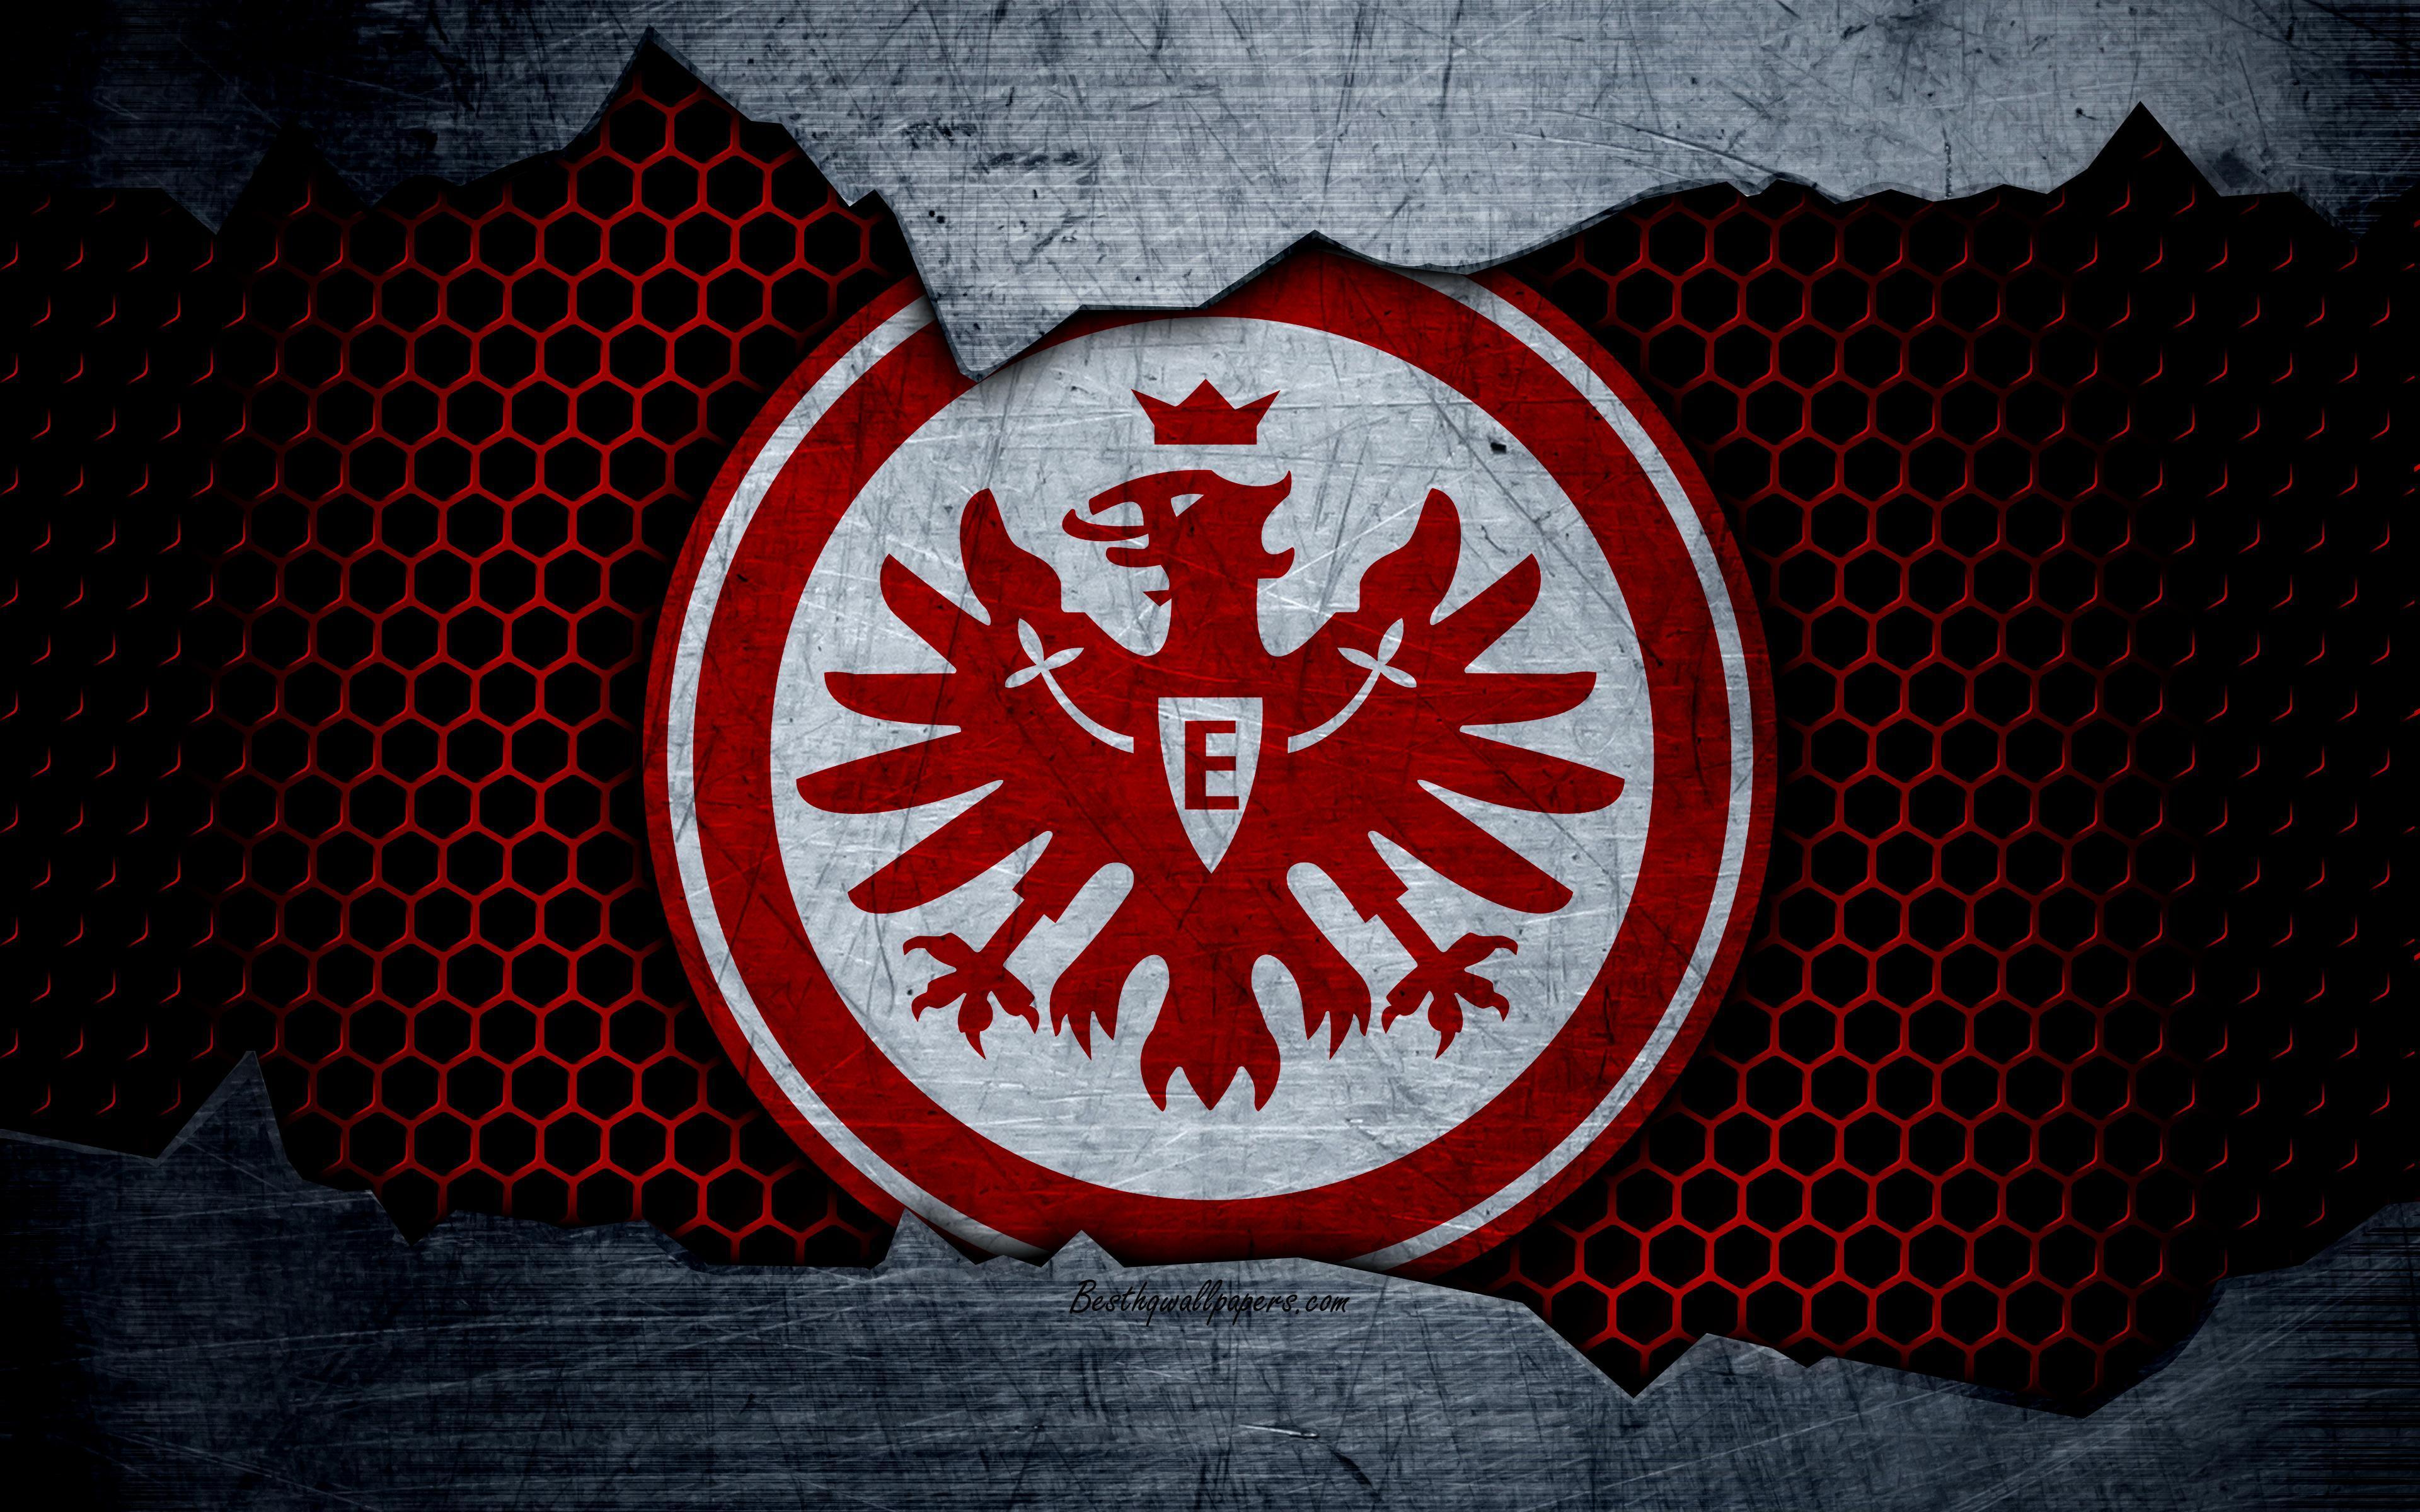 Wallpaper Eintracht Frankfurt